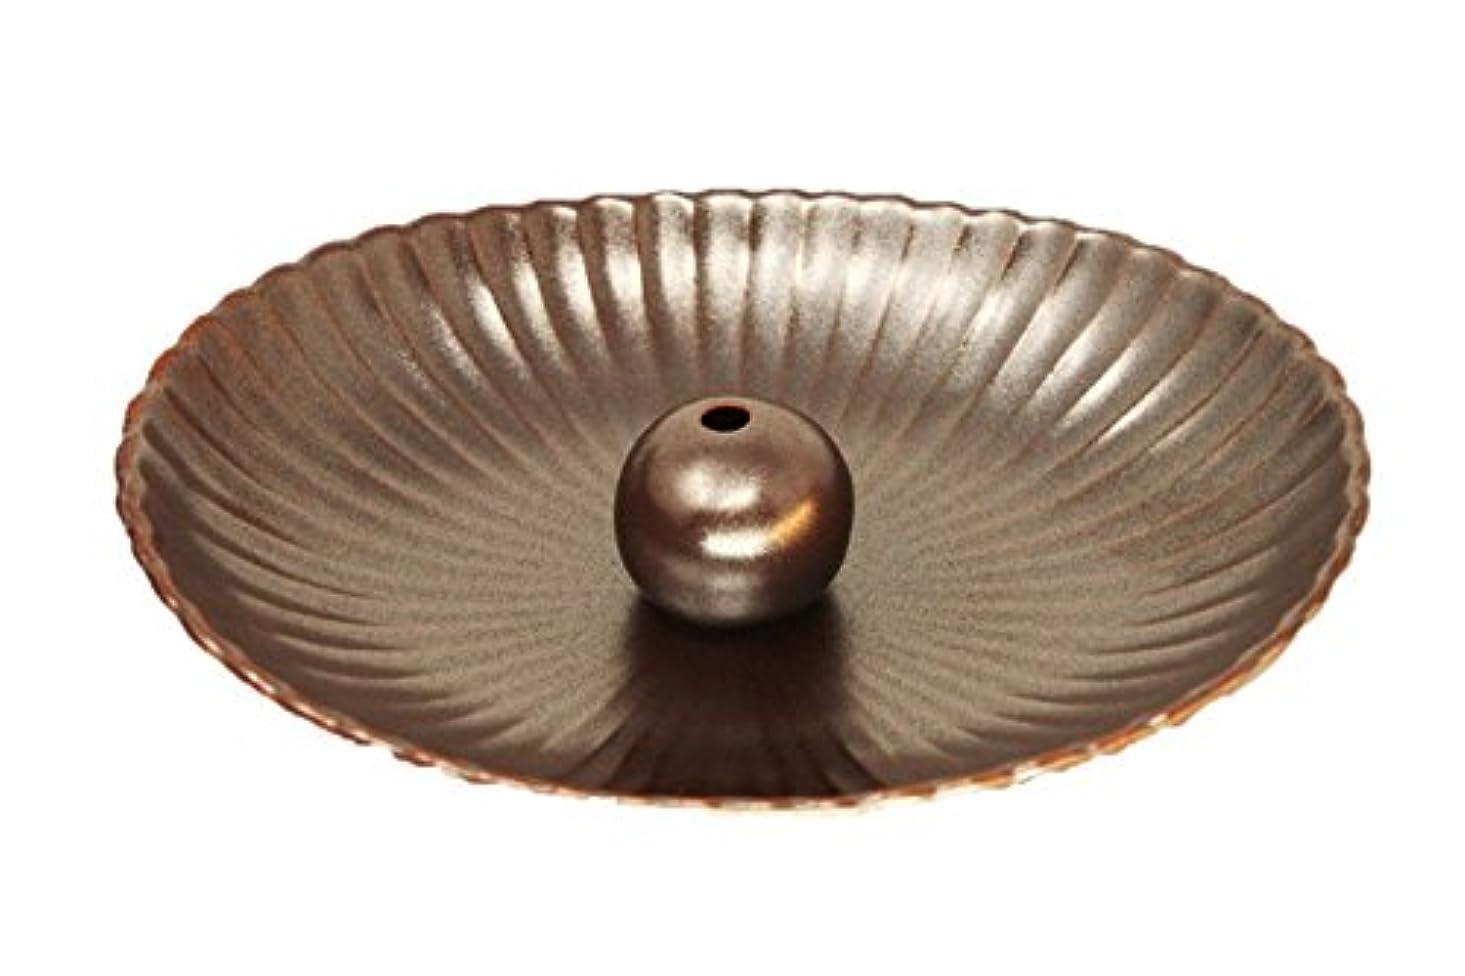 落ち込んでいる八百屋さん山岳鉄器色 楕円皿 日本製 製造?直売 お香立て お香たて 陶器 少し深めな香皿